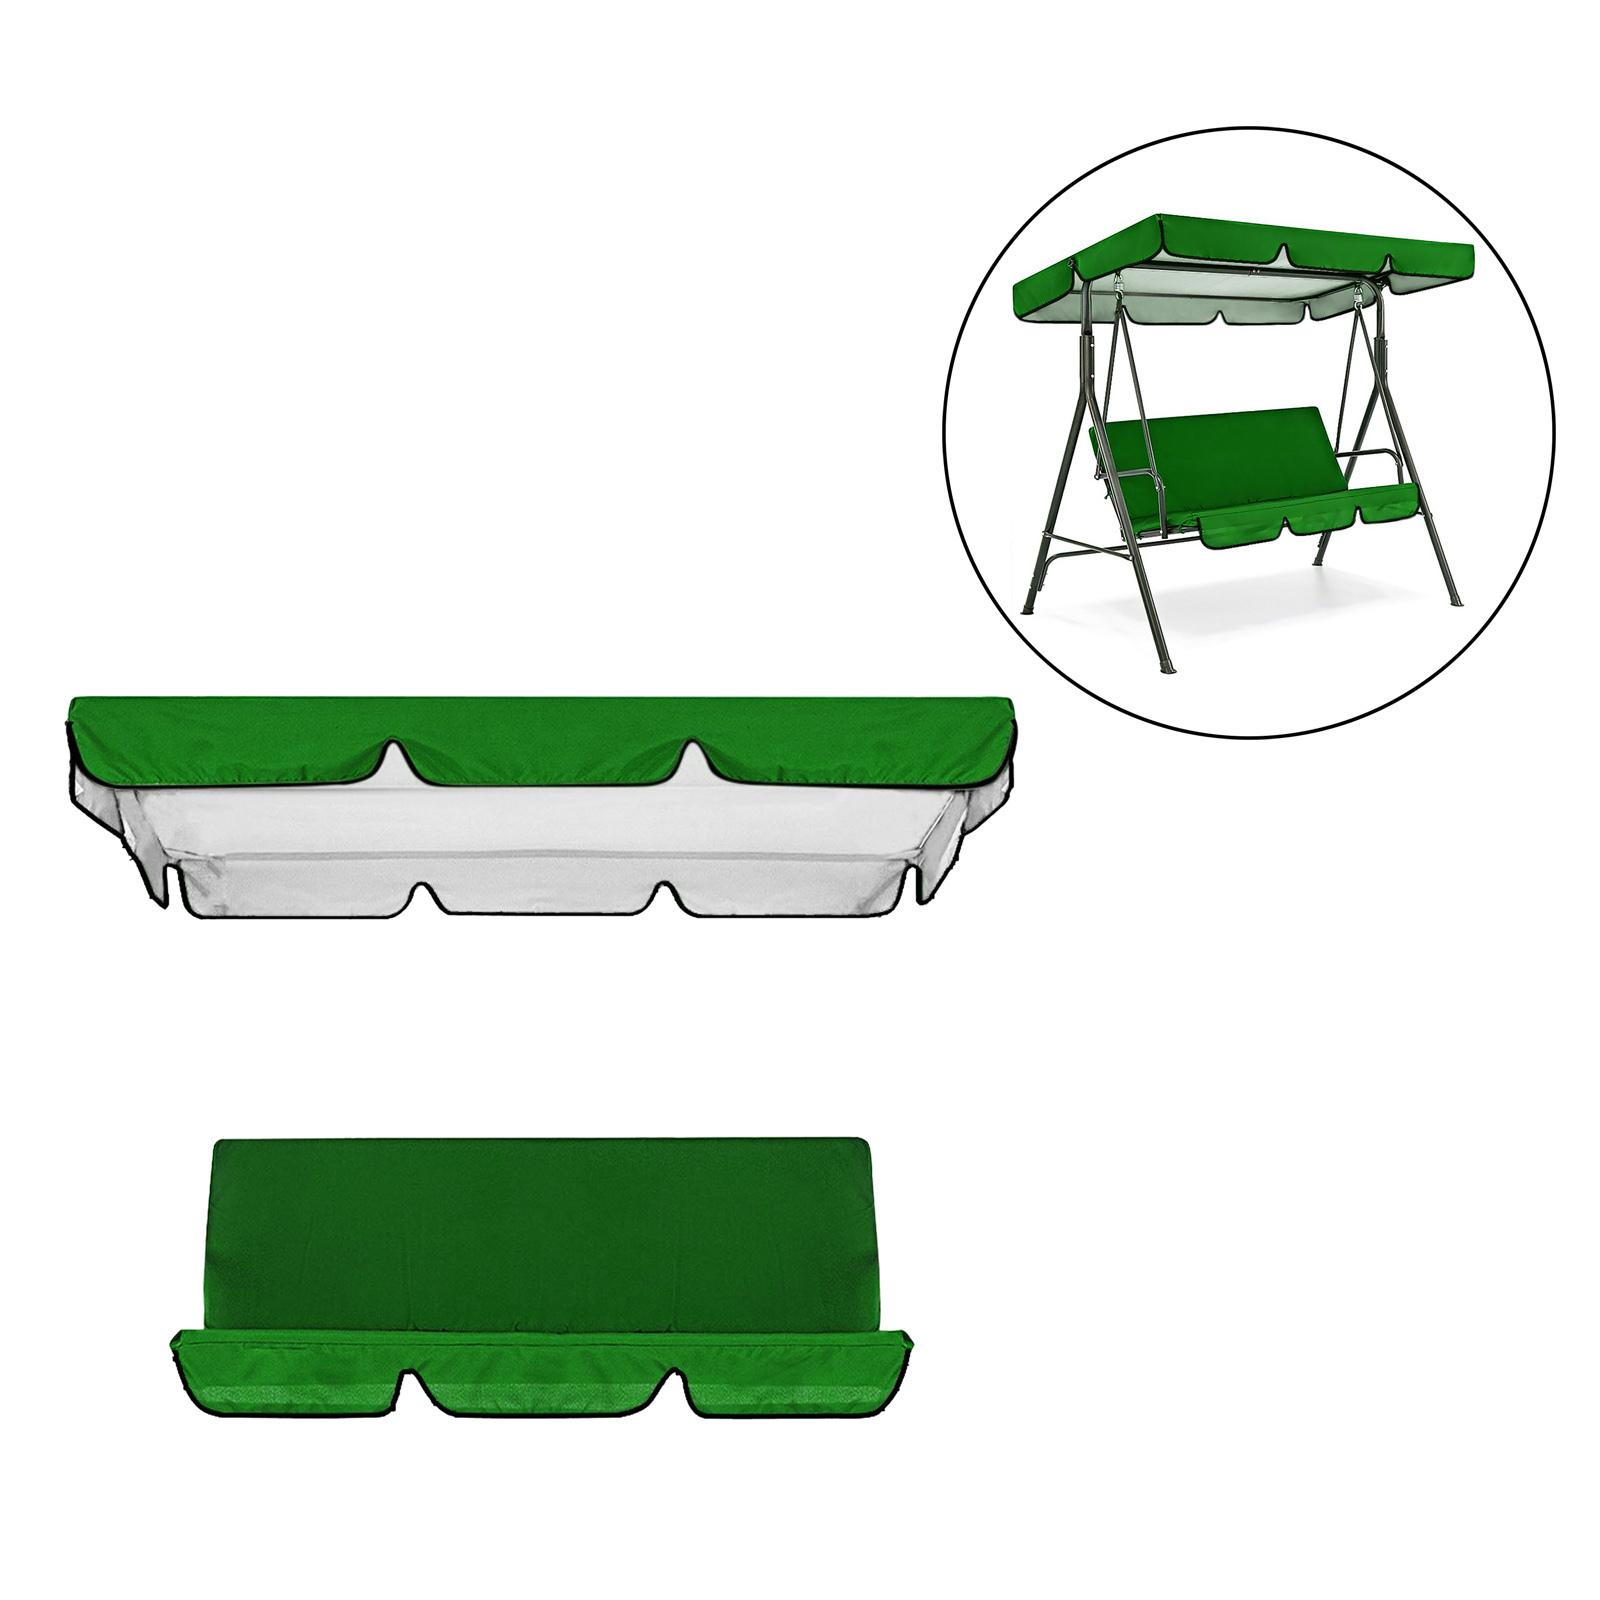 miniatura 10 - Sostituzione della copertura della sedia a dondolo da esterno per patio,